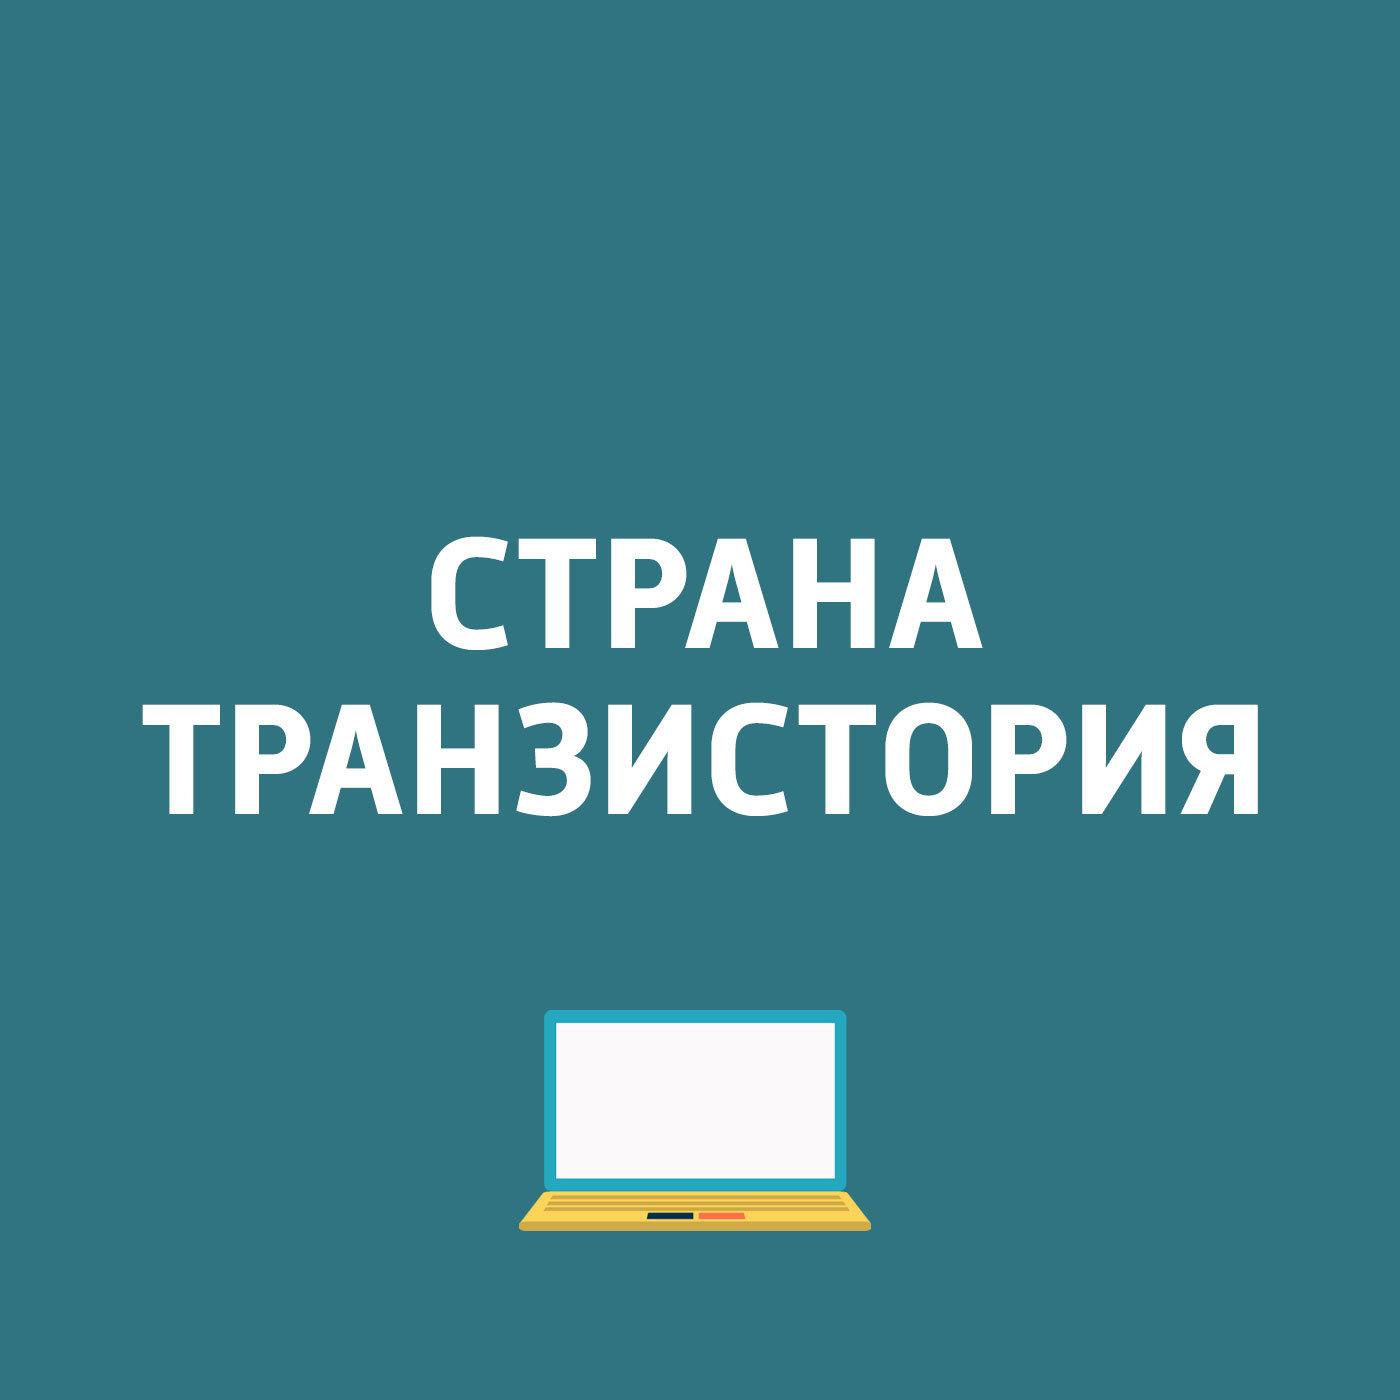 Картаев Павел В Оружейной палате Московского Кремля появился виртуальный гид картаев павел lg signature завершились игромир и комикон